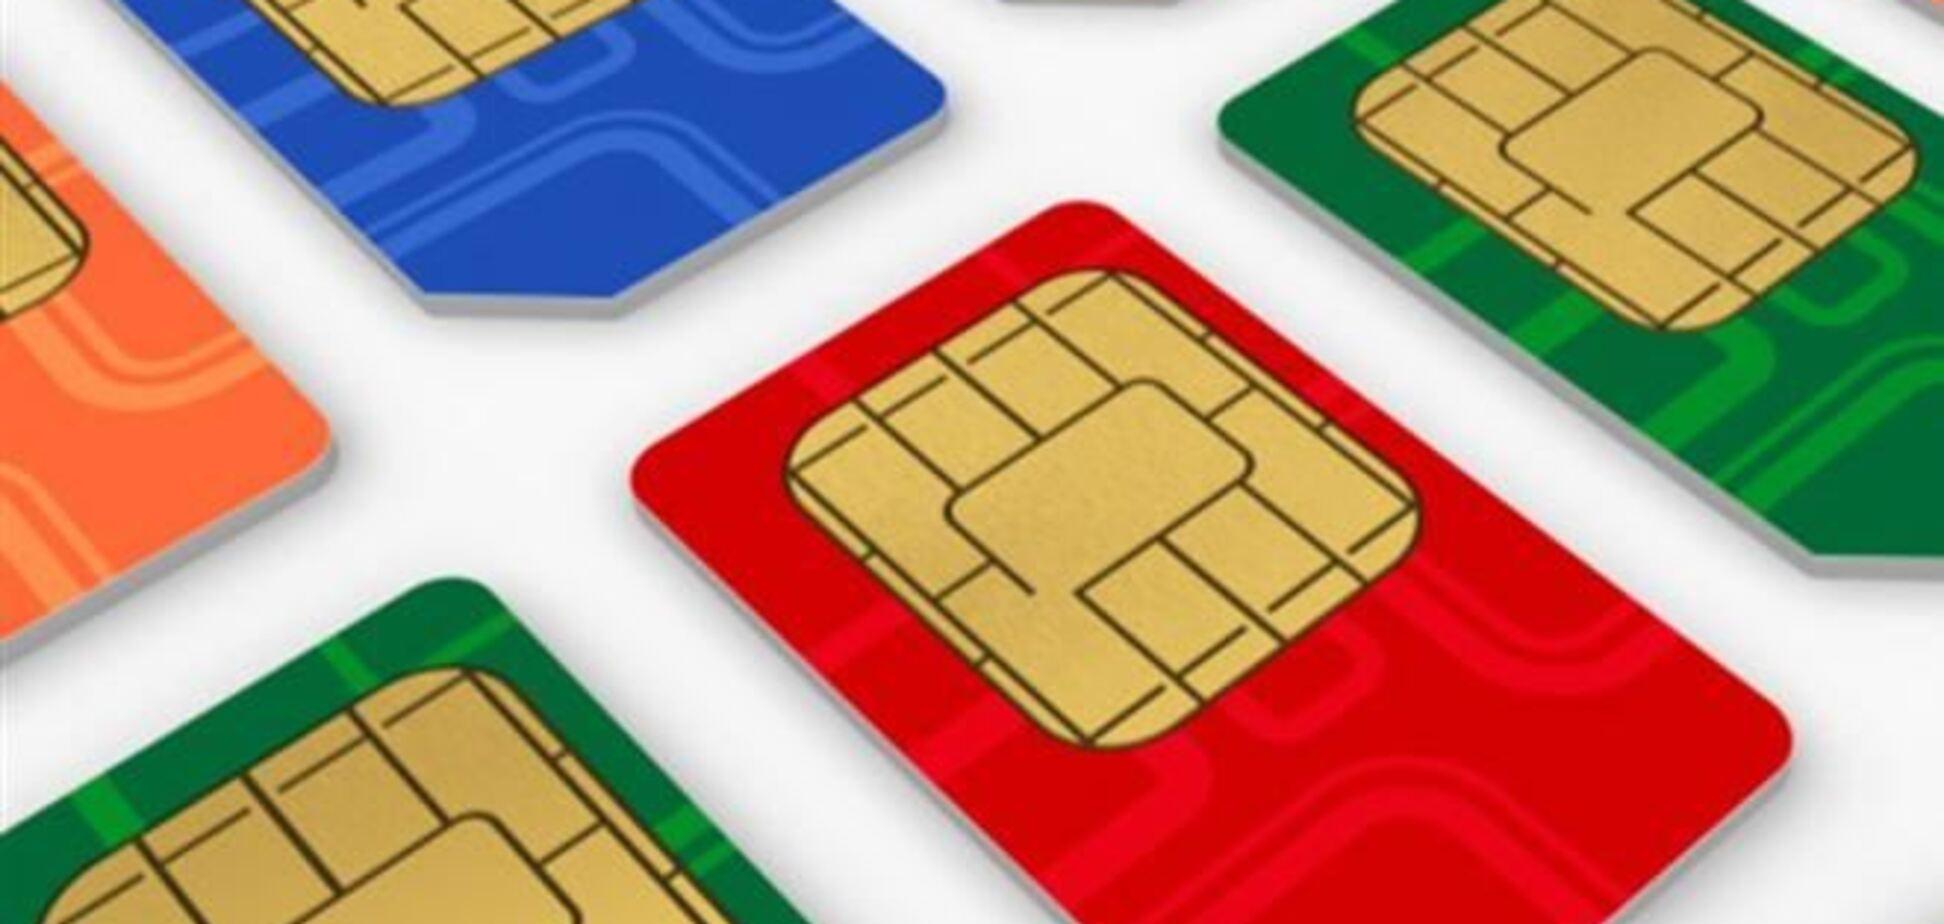 В мире резко упали продажи SIM-карт